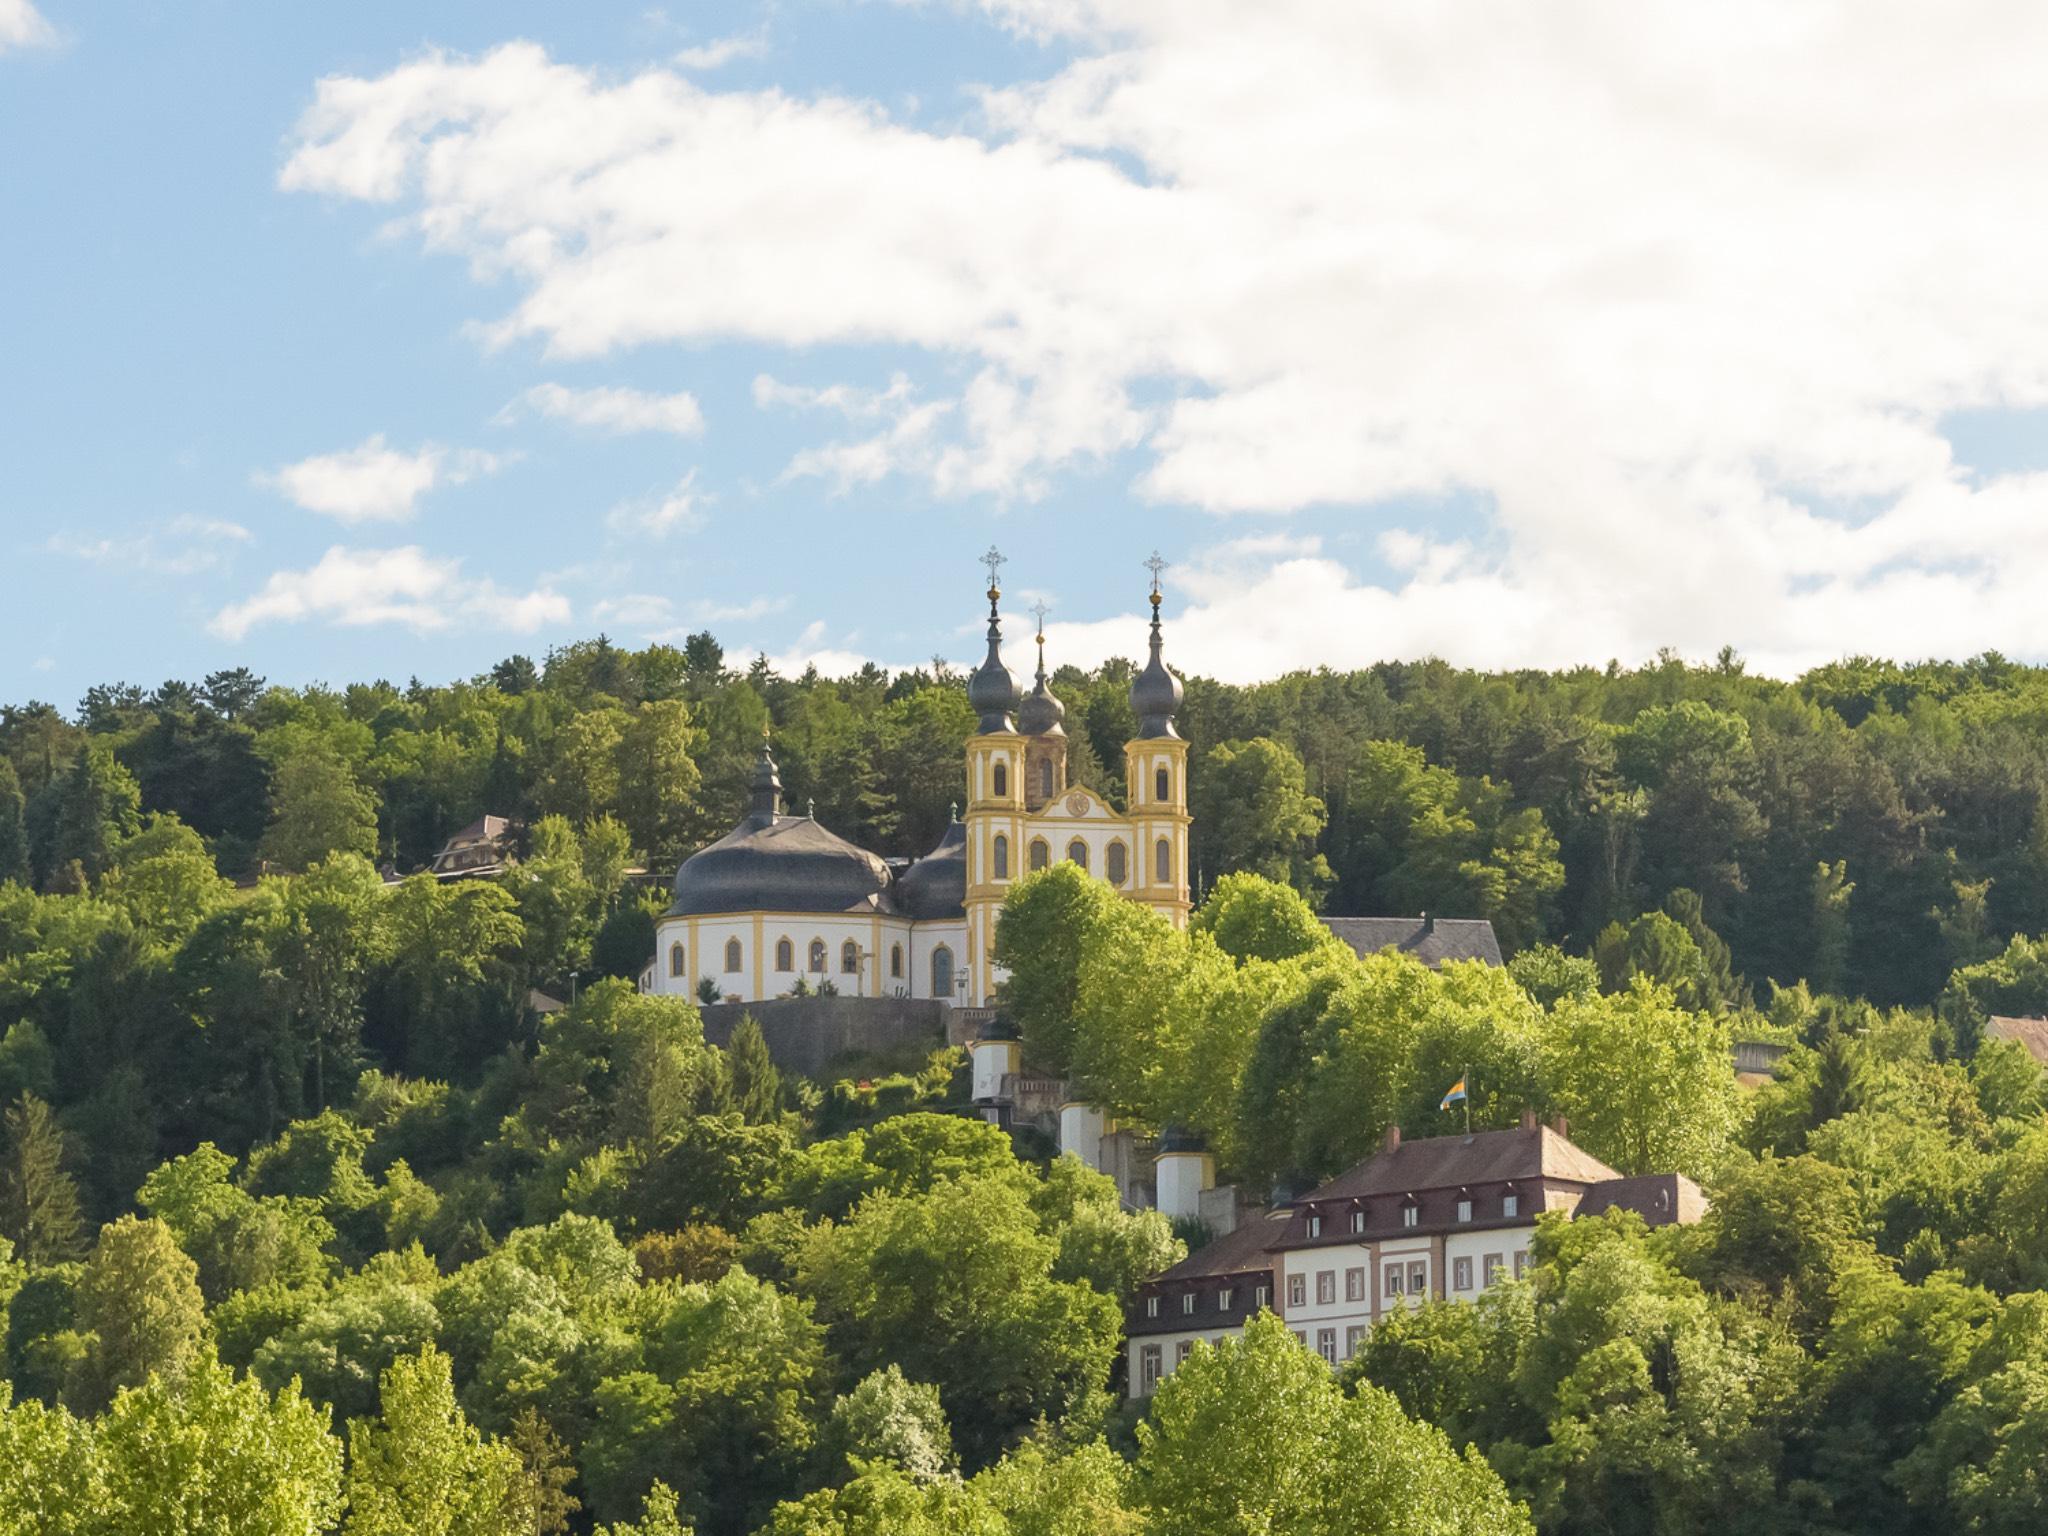 Käppele & Germanenhaus. Foto: Pascal Höfig